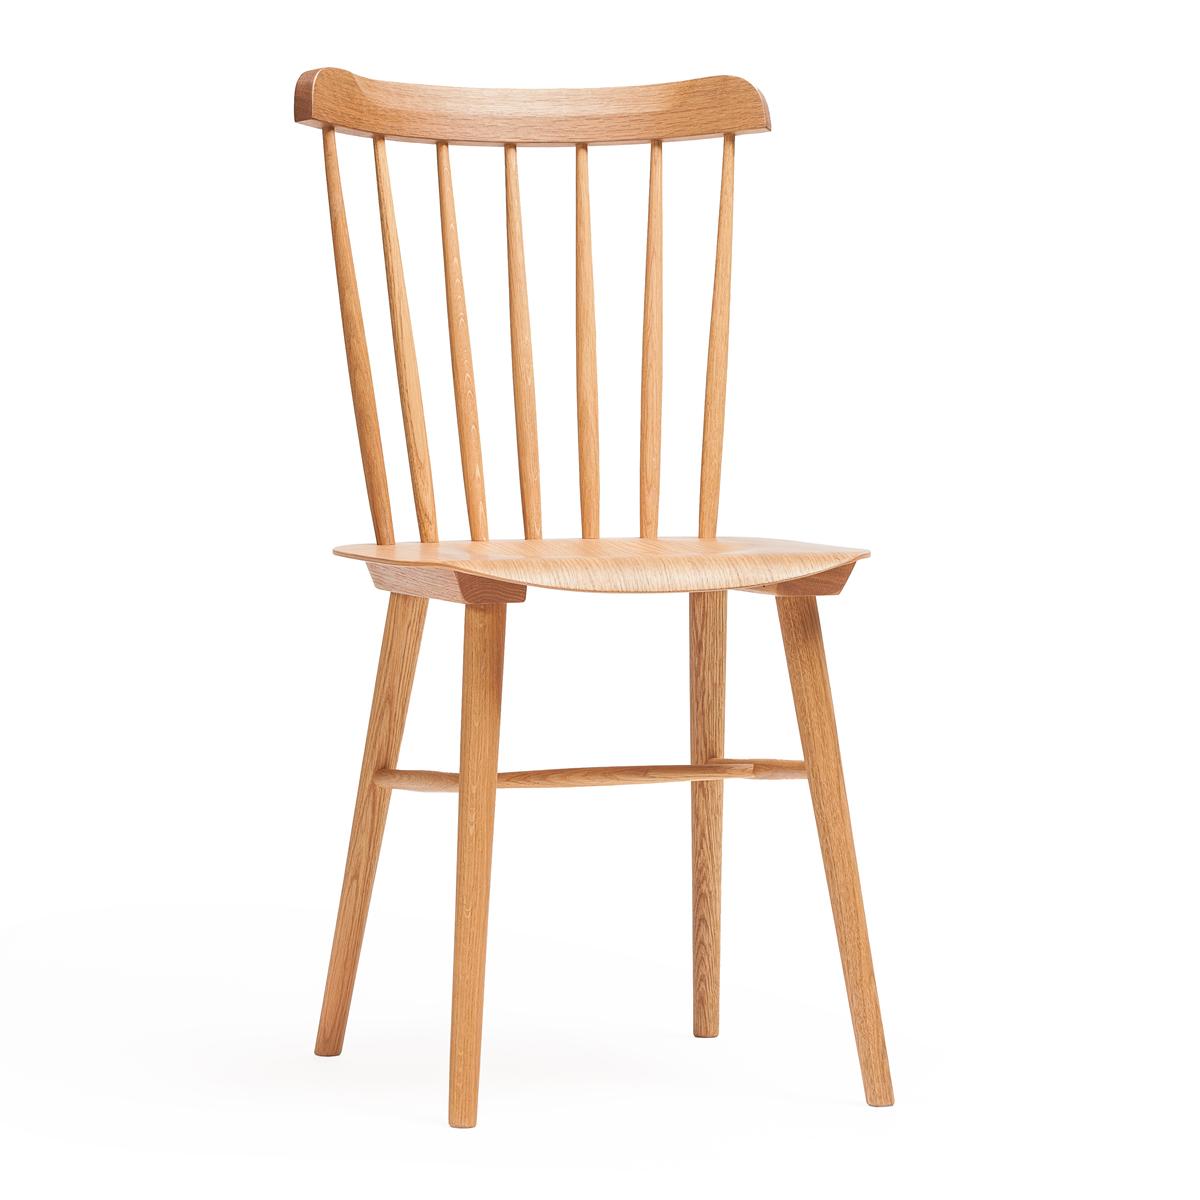 Stuhl zeichnung  Stuhl Ironica | TON a.s. - Von Menschen gefertigte Stühle